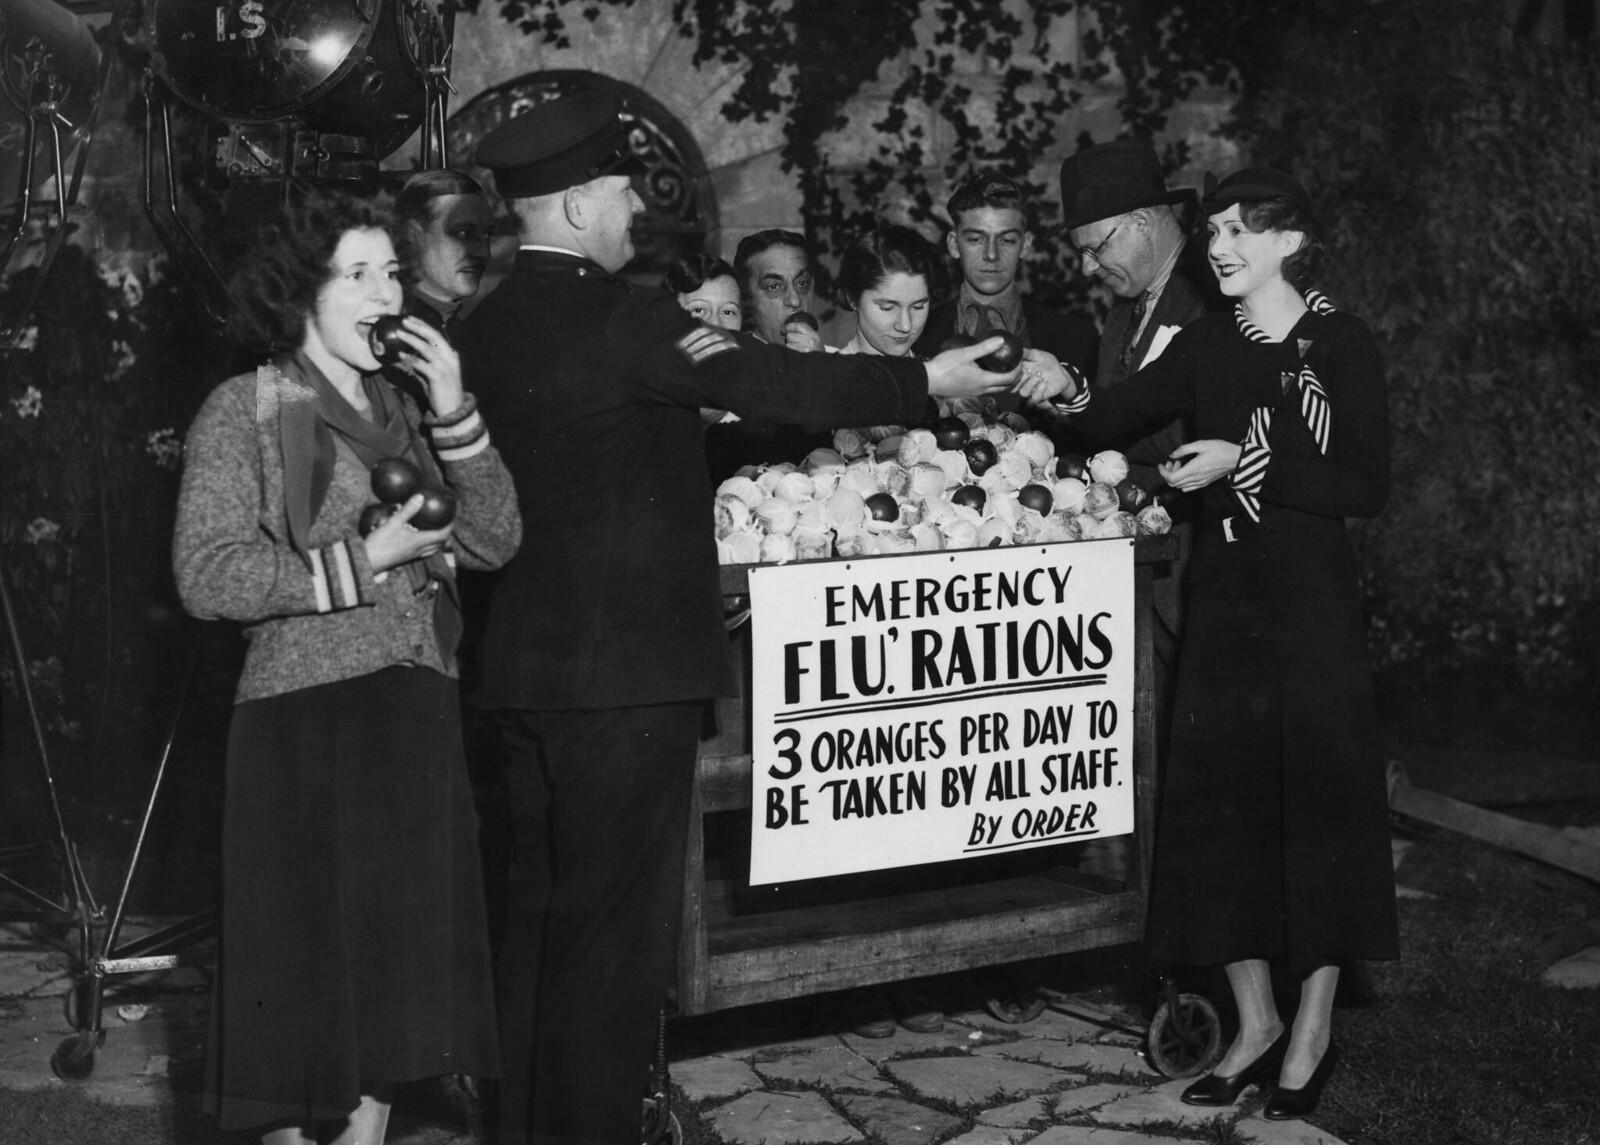 1940.  Актриса Молли Ламонт получает свой апельсиновый «паек» от сержанта в студии «Элстри» в Лондоне. Сообщается, что все съедают три апельсина в день после эпидемии гриппа, унесшей более 200 жертв на студиях